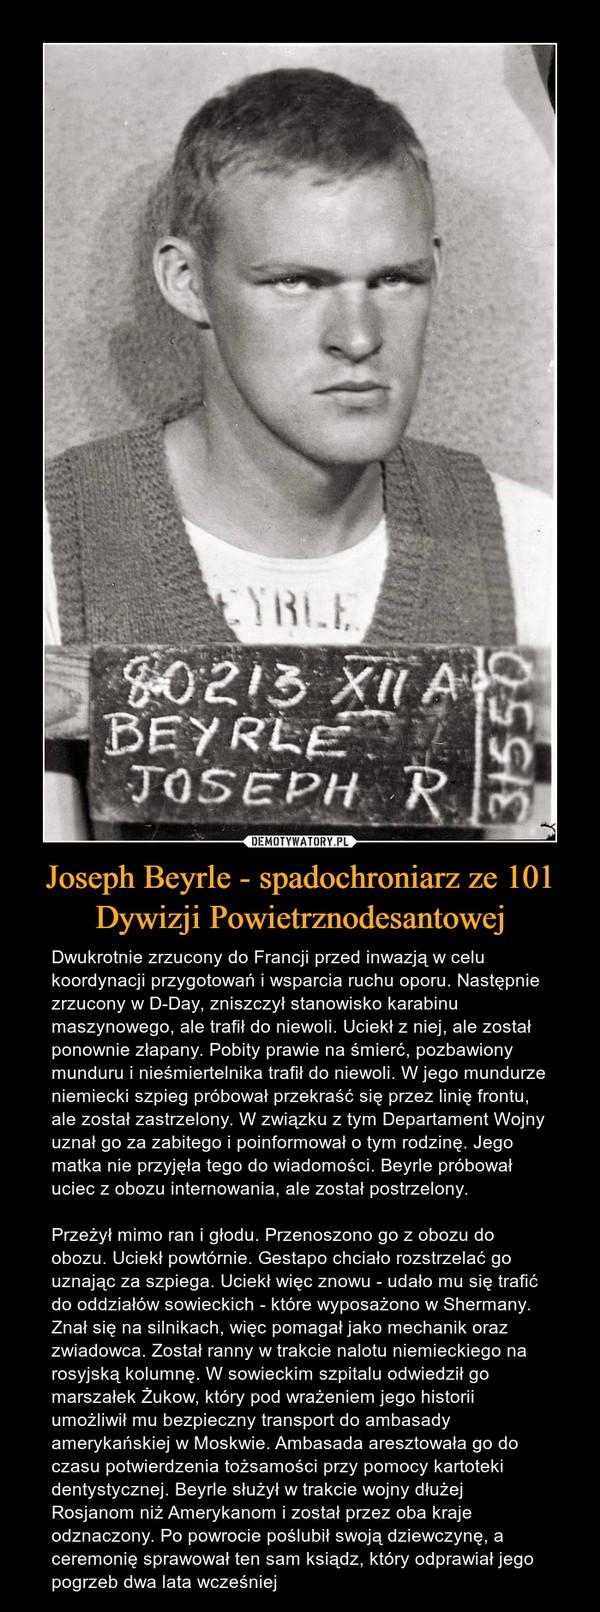 Joseph Beyrle - spadochroniarz ze 101 Dywizji Powietrznodesantowej – Dwukrotnie zrzucony do Francji przed inwazją w celu koordynacji przygotowań i wsparcia ruchu oporu. Następnie zrzucony w D-Day, zniszczył stanowisko karabinu maszynowego, ale trafił do niewoli. Uciekł z niej, ale został ponownie złapany. Pobity prawie na śmierć, pozbawiony munduru i nieśmiertelnika trafił do niewoli. W jego mundurze niemiecki szpieg próbował przekraść się przez linię frontu, ale został zastrzelony. W związku z tym Departament Wojny uznał go za zabitego i poinformował o tym rodzinę. Jego matka nie przyjęła tego do wiadomości. Beyrle próbował uciec z obozu internowania, ale został postrzelony. Przeżył mimo ran i głodu. Przenoszono go z obozu do obozu. Uciekł powtórnie. Gestapo chciało rozstrzelać go uznając za szpiega. Uciekł więc znowu - udało mu się trafić do oddziałów sowieckich - które wyposażono w Shermany. Znał się na silnikach, więc pomagał jako mechanik oraz zwiadowca. Został ranny w trakcie nalotu niemieckiego na rosyjską kolumnę. W sowieckim szpitalu odwiedził go marszałek Żukow, który pod wrażeniem jego historii umożliwił mu bezpieczny transport do ambasady amerykańskiej w Moskwie. Ambasada aresztowała go do czasu potwierdzenia tożsamości przy pomocy kartoteki dentystycznej. Beyrle służył w trakcie wojny dłużej Rosjanom niż Amerykanom i został przez oba kraje odznaczony. Po powrocie poślubił swoją dziewczynę, a ceremonię sprawował ten sam ksiądz, który odprawiał jego pogrzeb dwa lata wcześniej